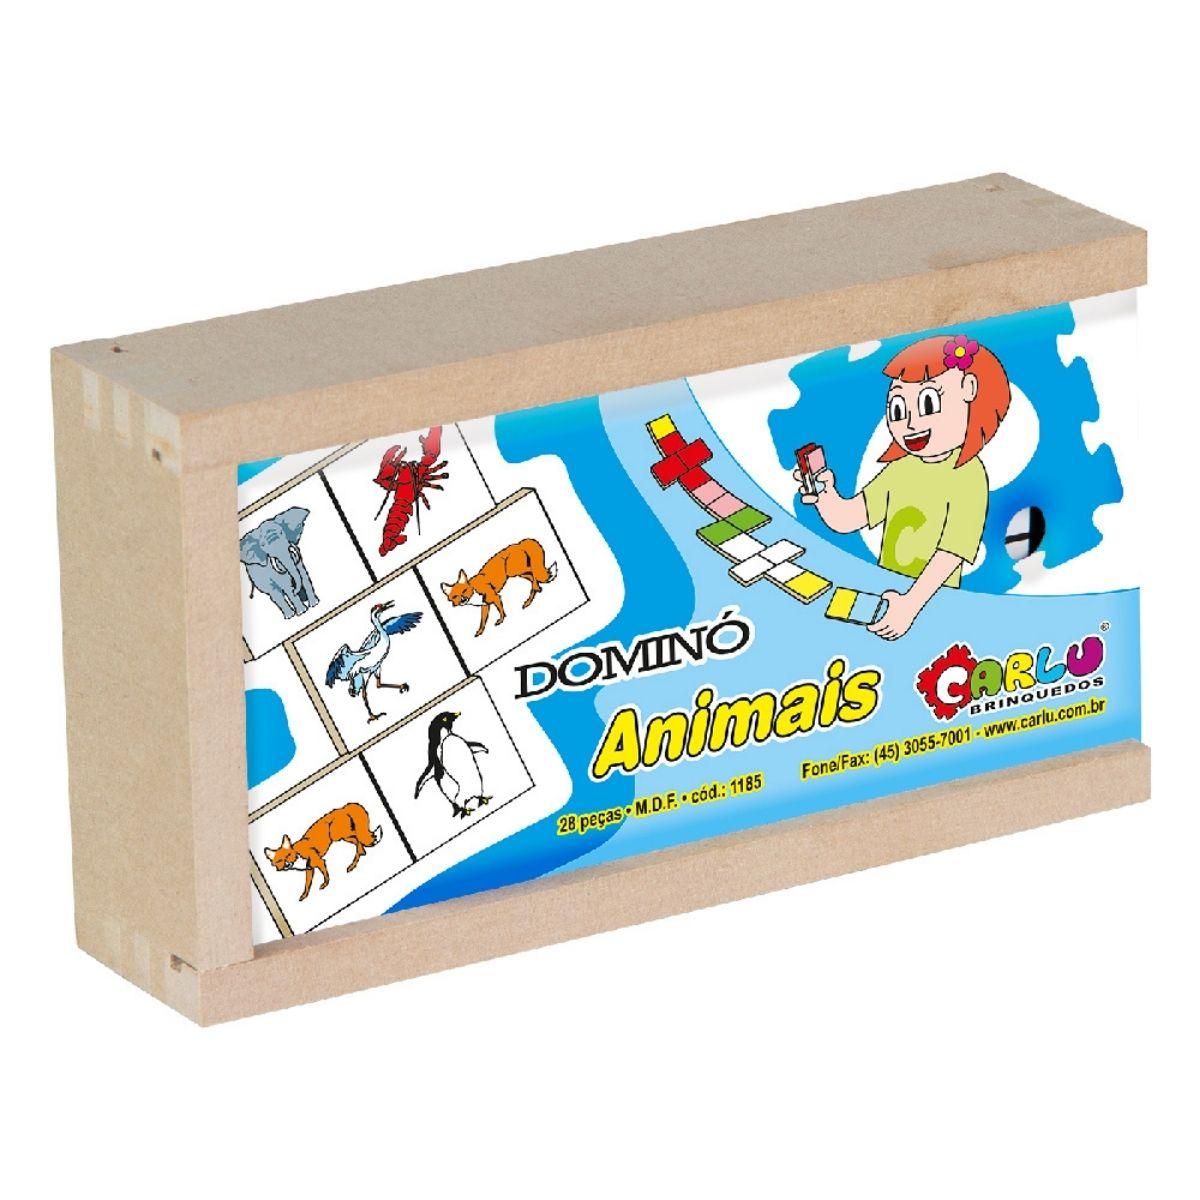 Brinquedo Pedagógico Dominó Animais em MDF - 28 peças